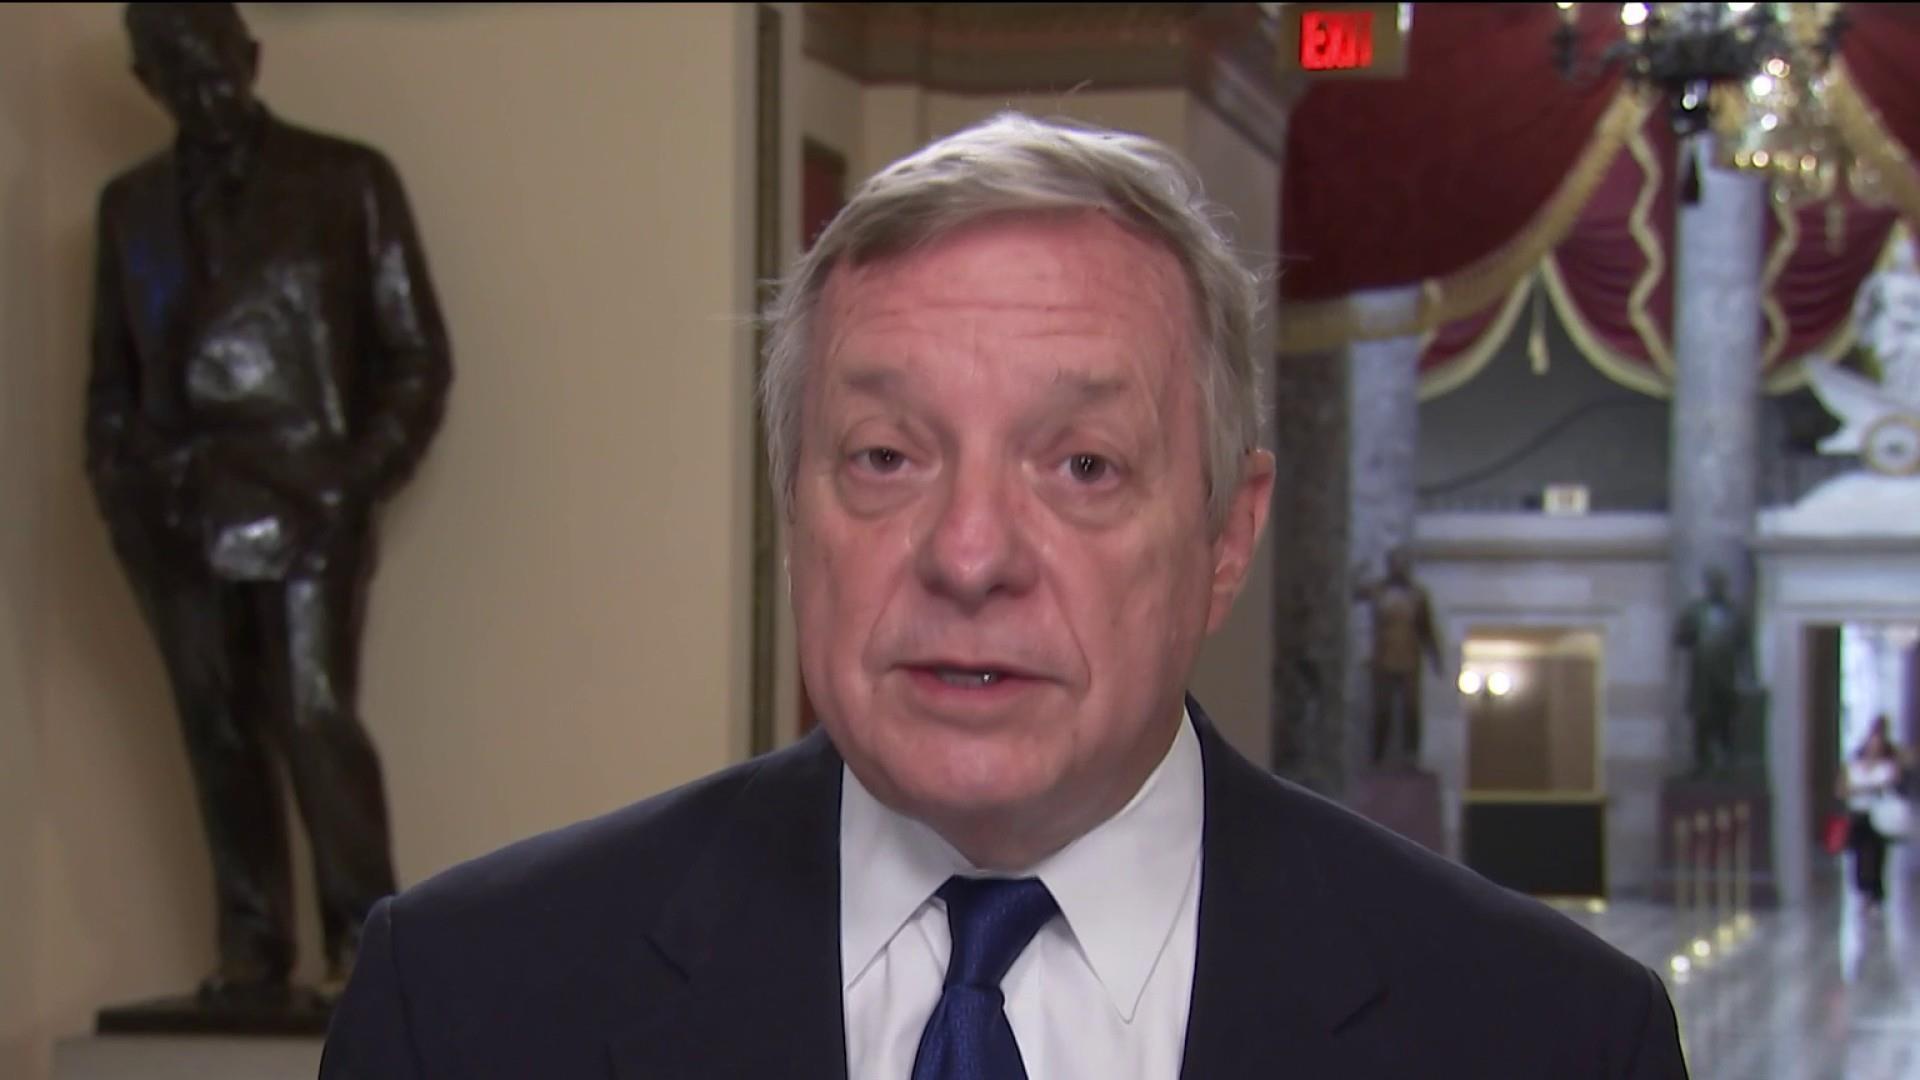 Sen. Durbin on Trump, Russia and the migrant crisis